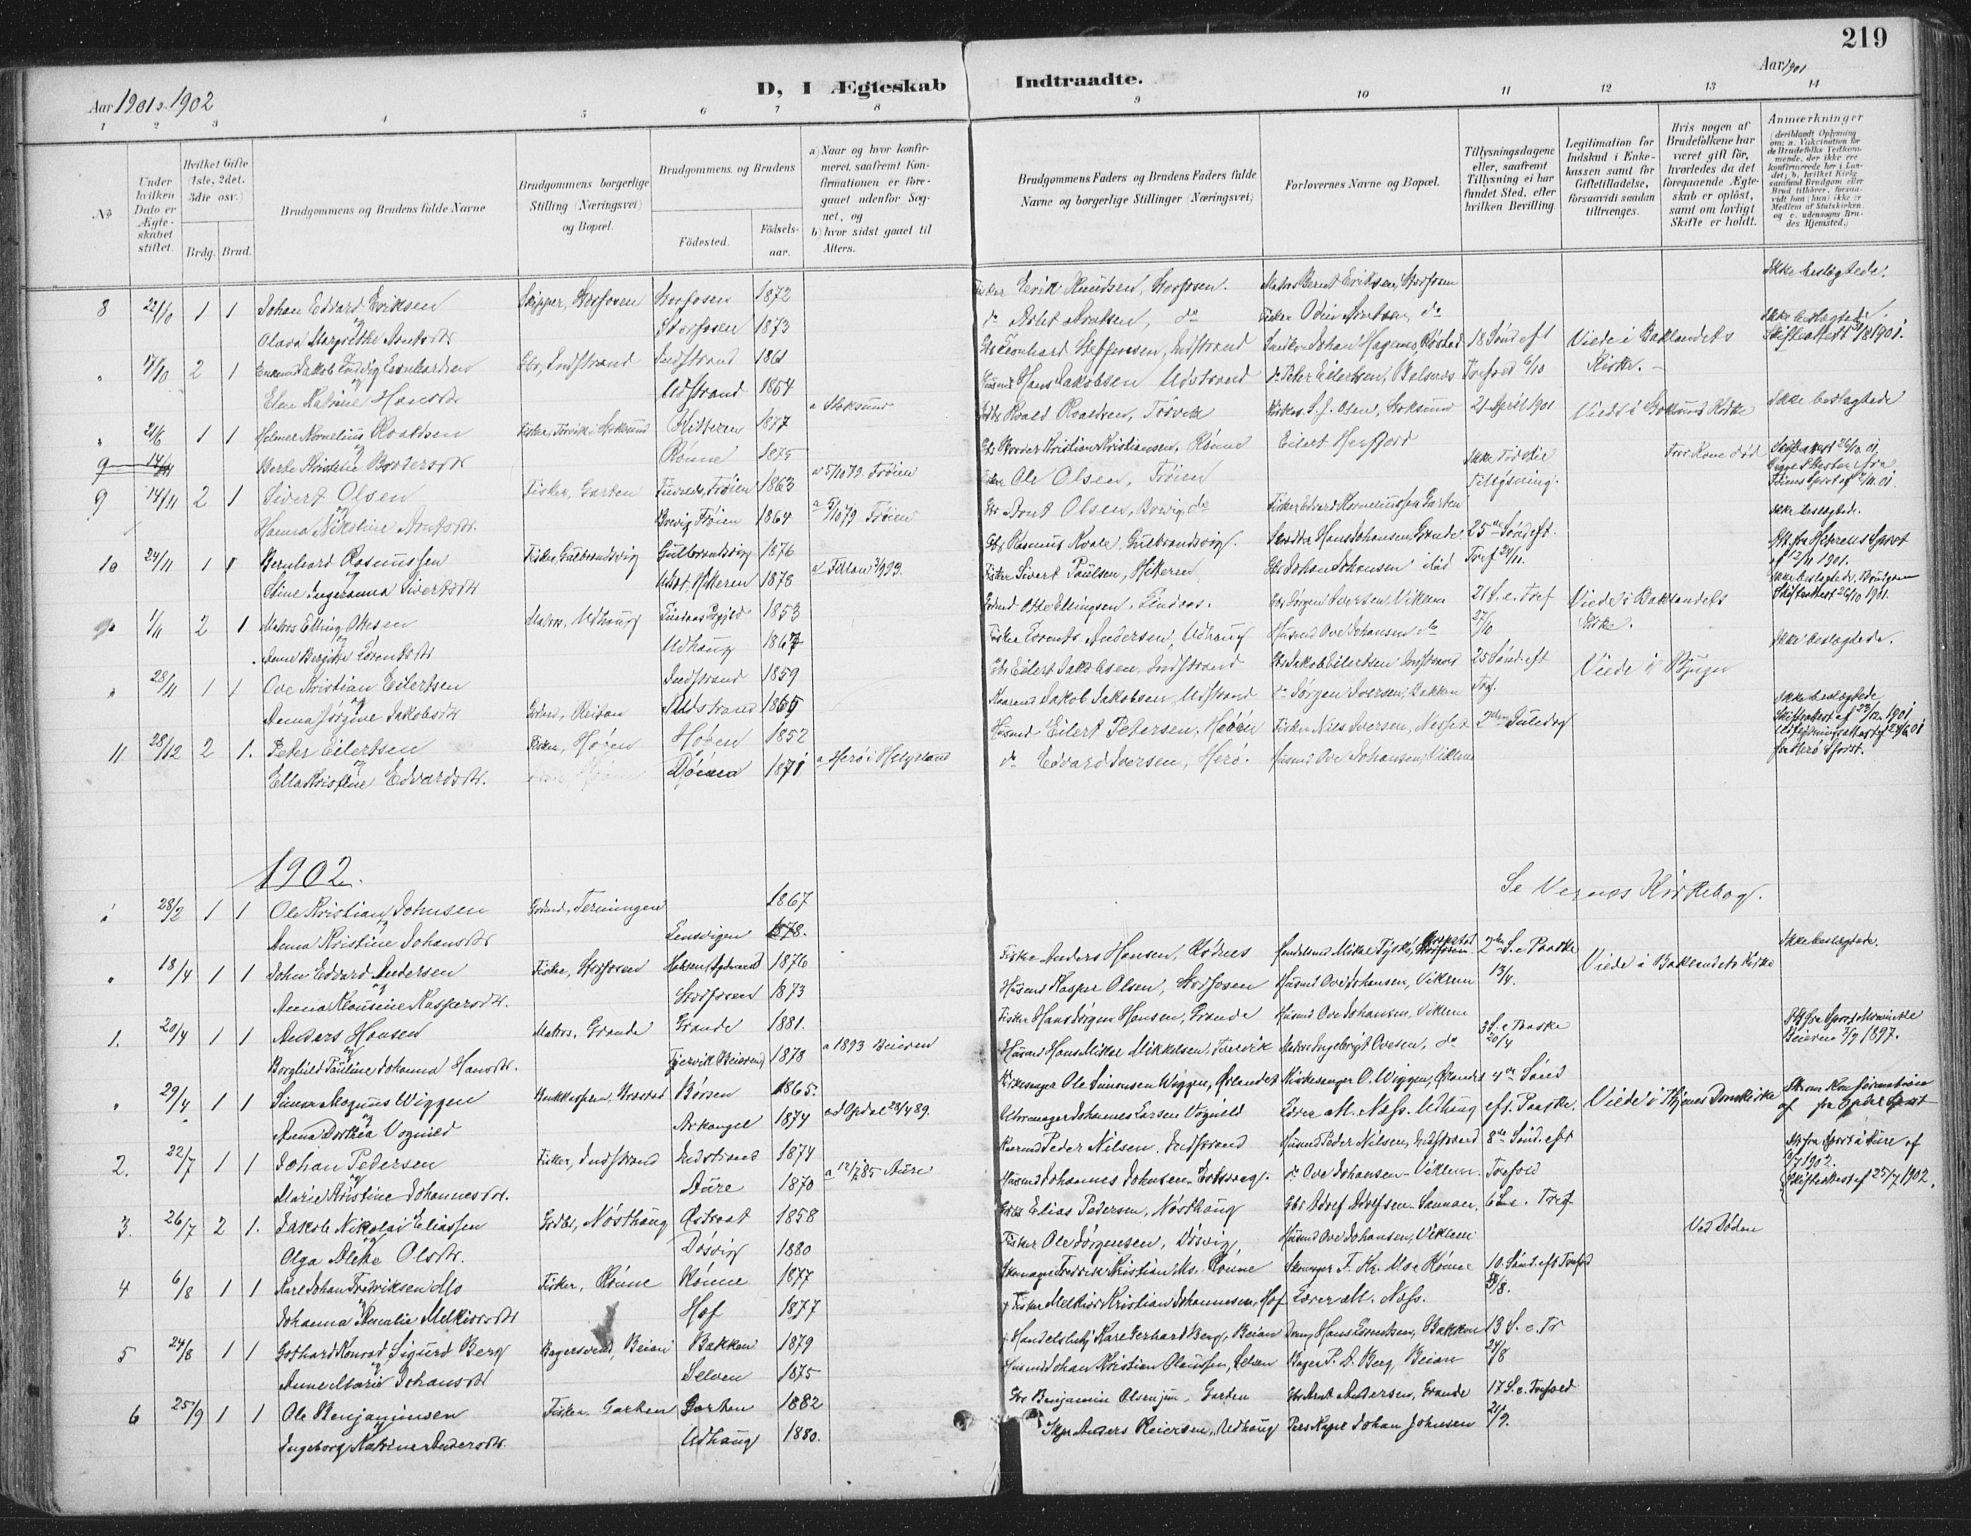 SAT, Ministerialprotokoller, klokkerbøker og fødselsregistre - Sør-Trøndelag, 659/L0743: Ministerialbok nr. 659A13, 1893-1910, s. 219